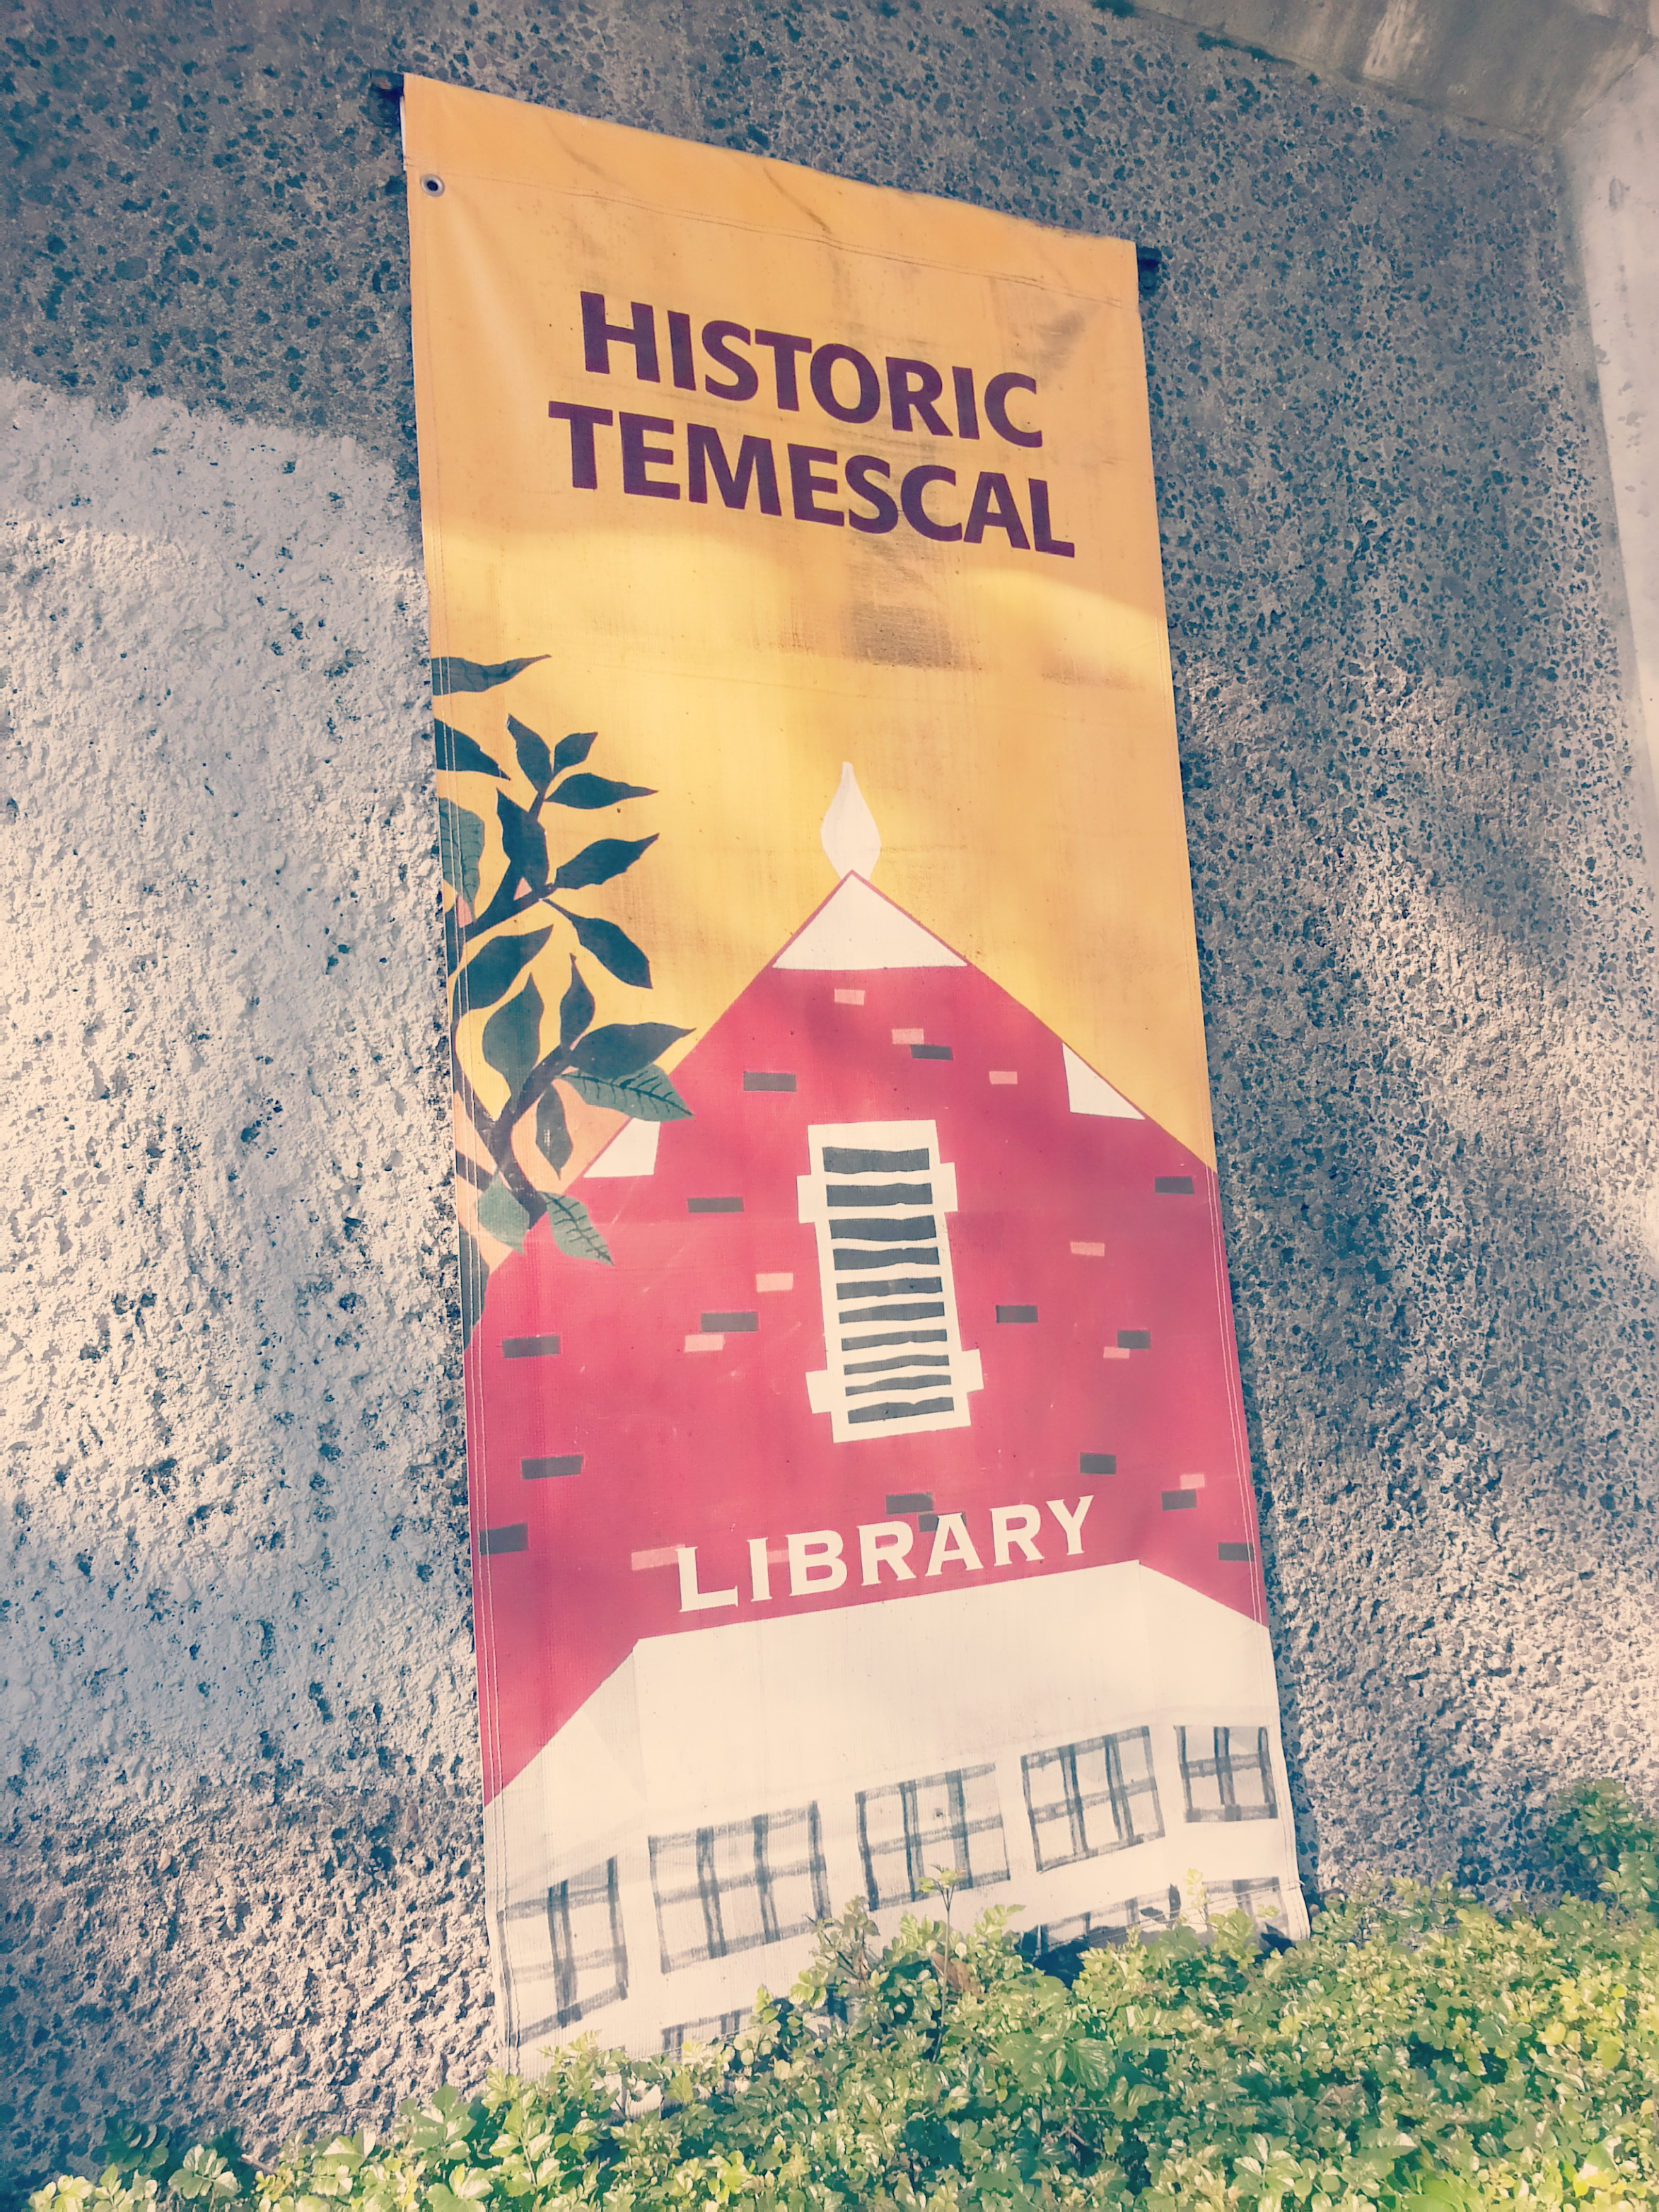 Historic Temescal Library, Oakland, California